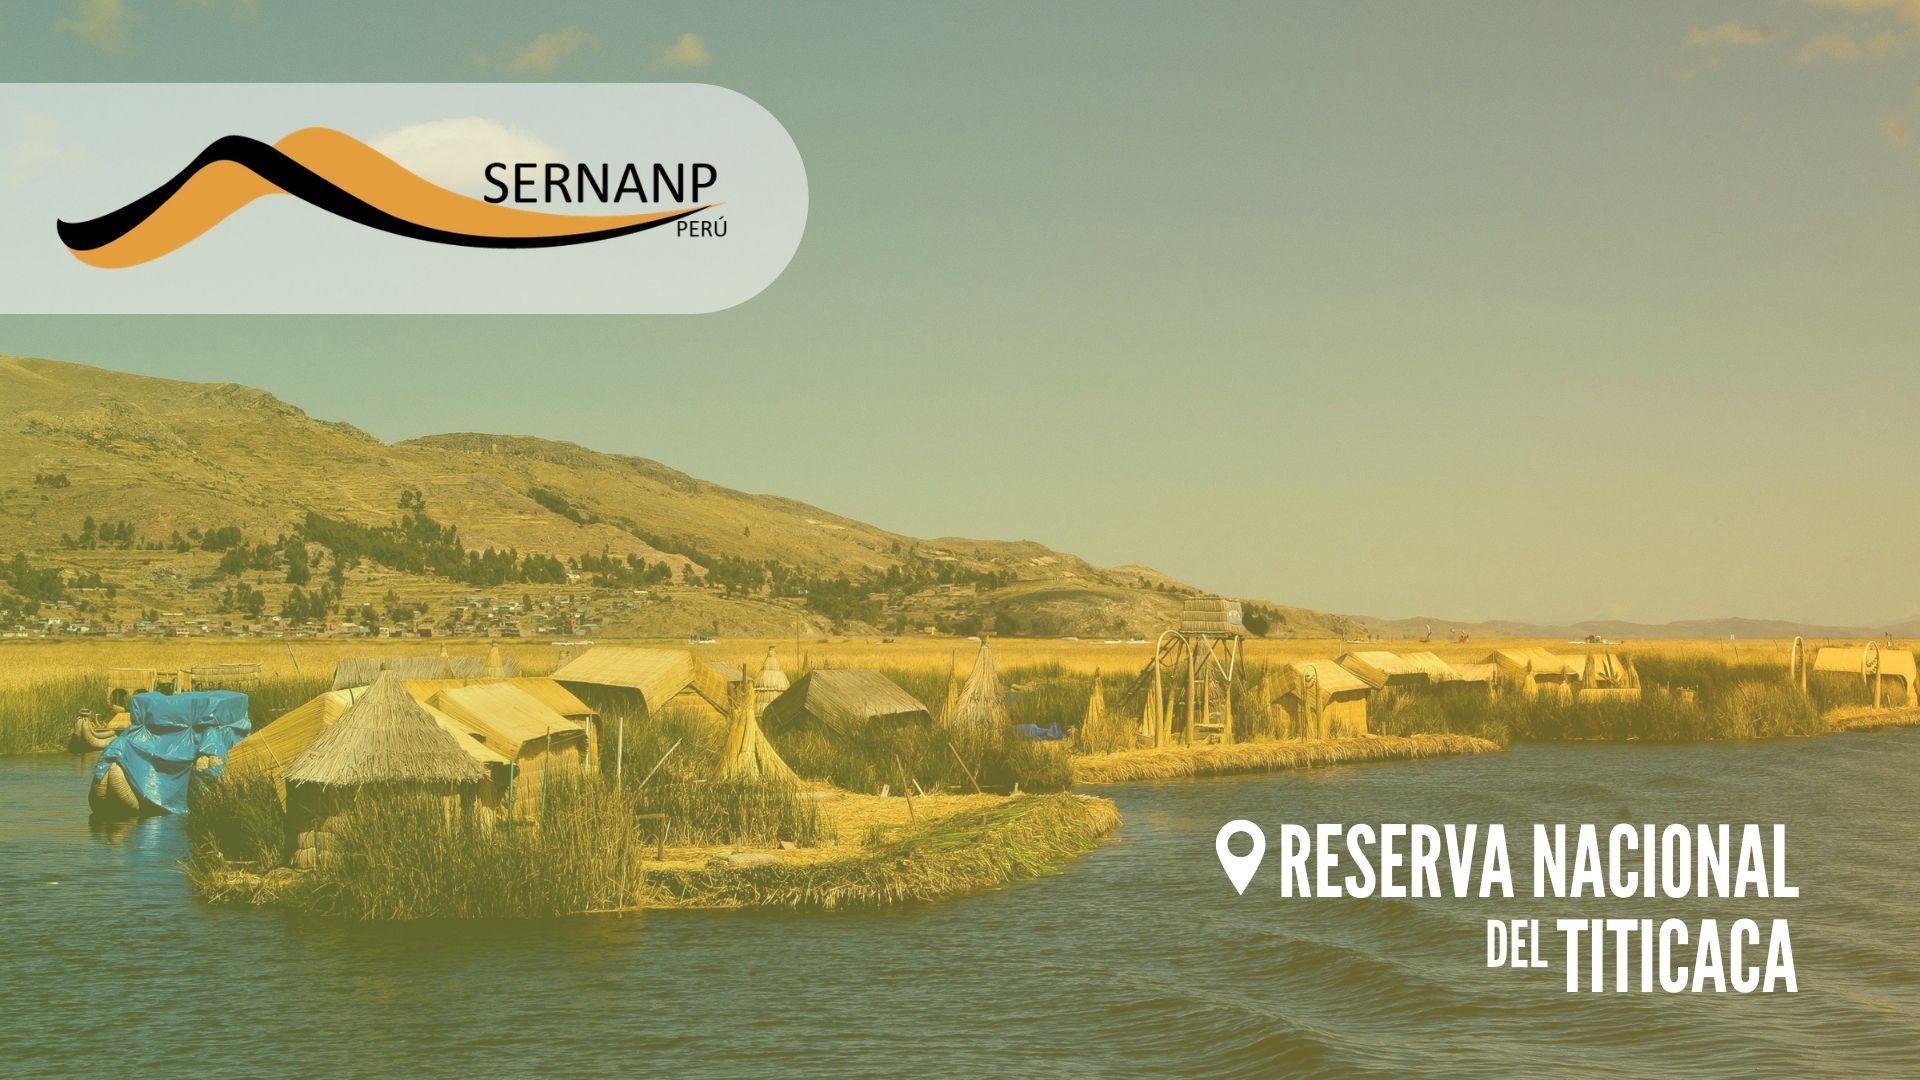 Reserva Nacional del Titicaca - SERNANP Perú